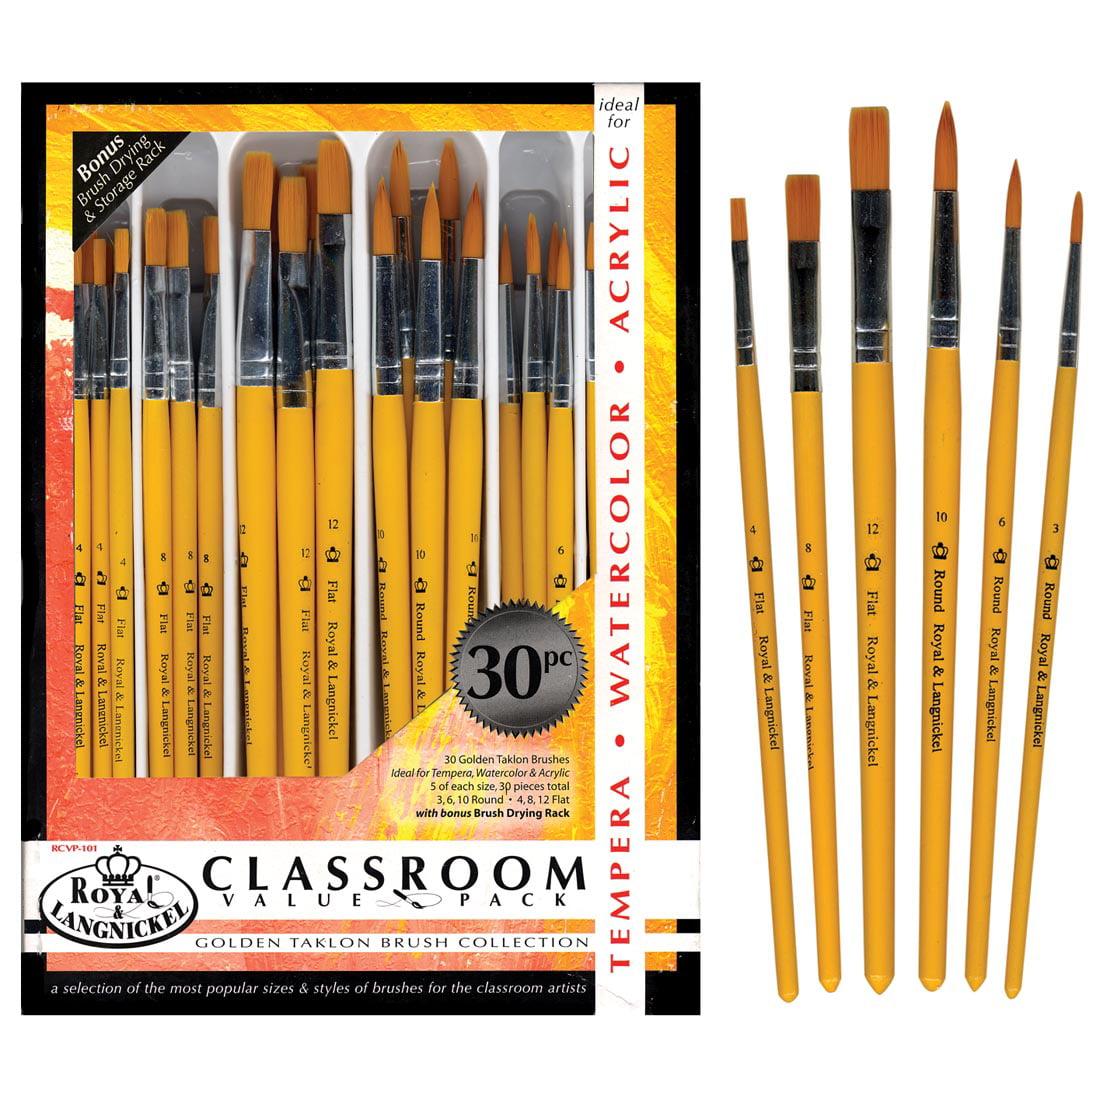 Royal Brush Golden Taklon Brush Classroom Value Pack, Pack of 30